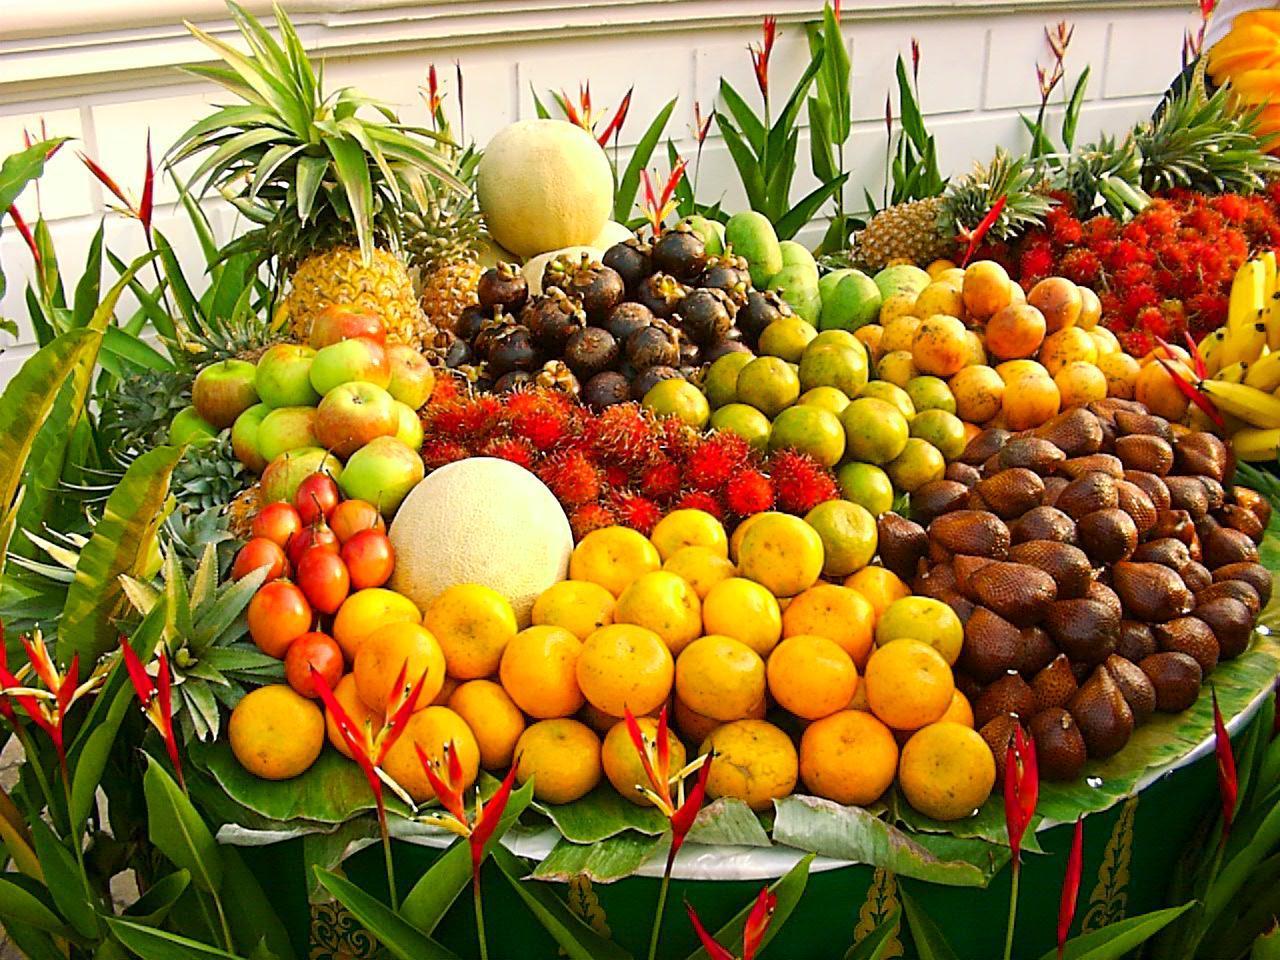 Buah-buahan, salah satu komoditas pertanian yang laris di pasar internasional